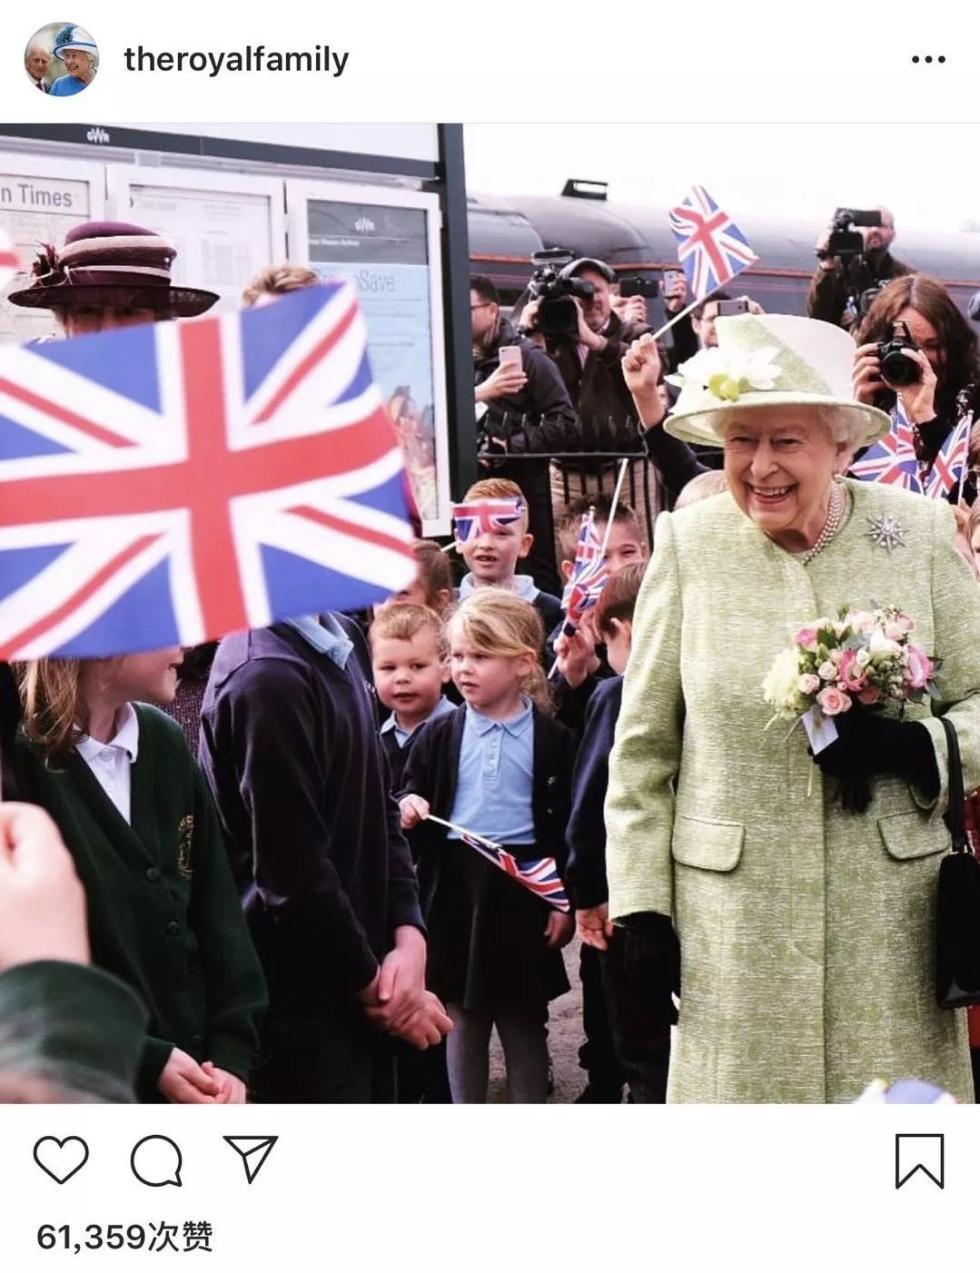 女王也想涨粉?英国王室招募新媒体运营,待遇很诱人......